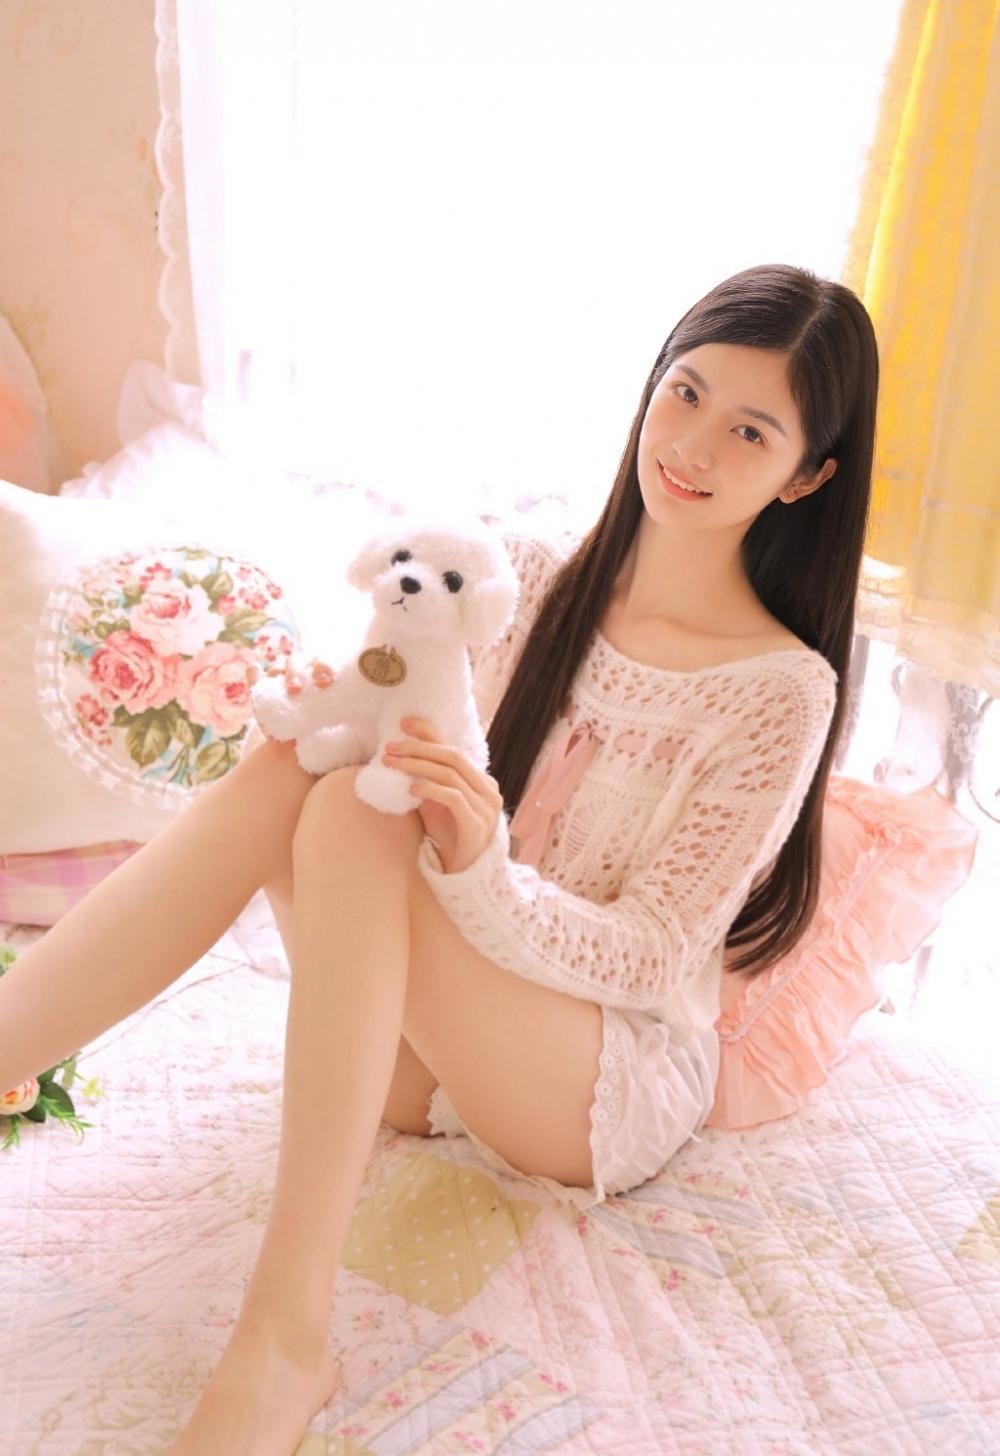 JUY-818黑色袜高跟长腿Beautyleg美女